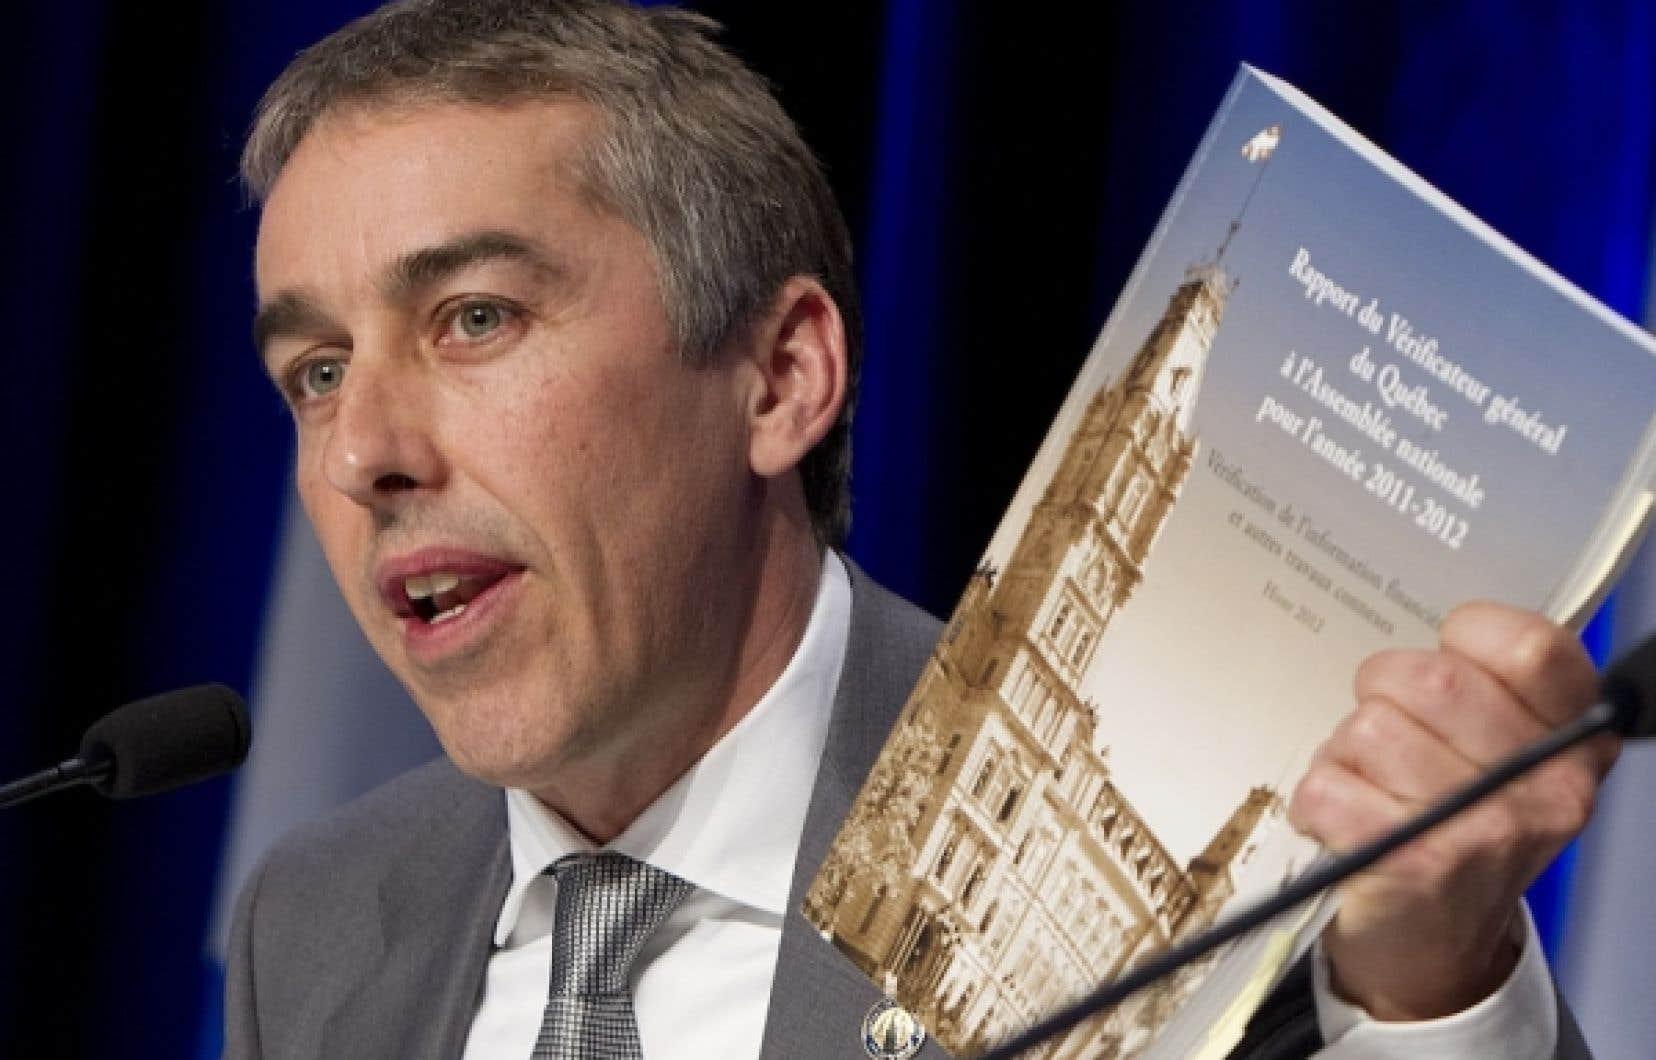 Le député Nicolas Marceau, porte-parole du Parti québécois en matière de finances, a déclaré que les mesures annoncées par le ministre Bachand visent à masquer les hausses de tarifs et de taxes mises en place au cours des dernières années.